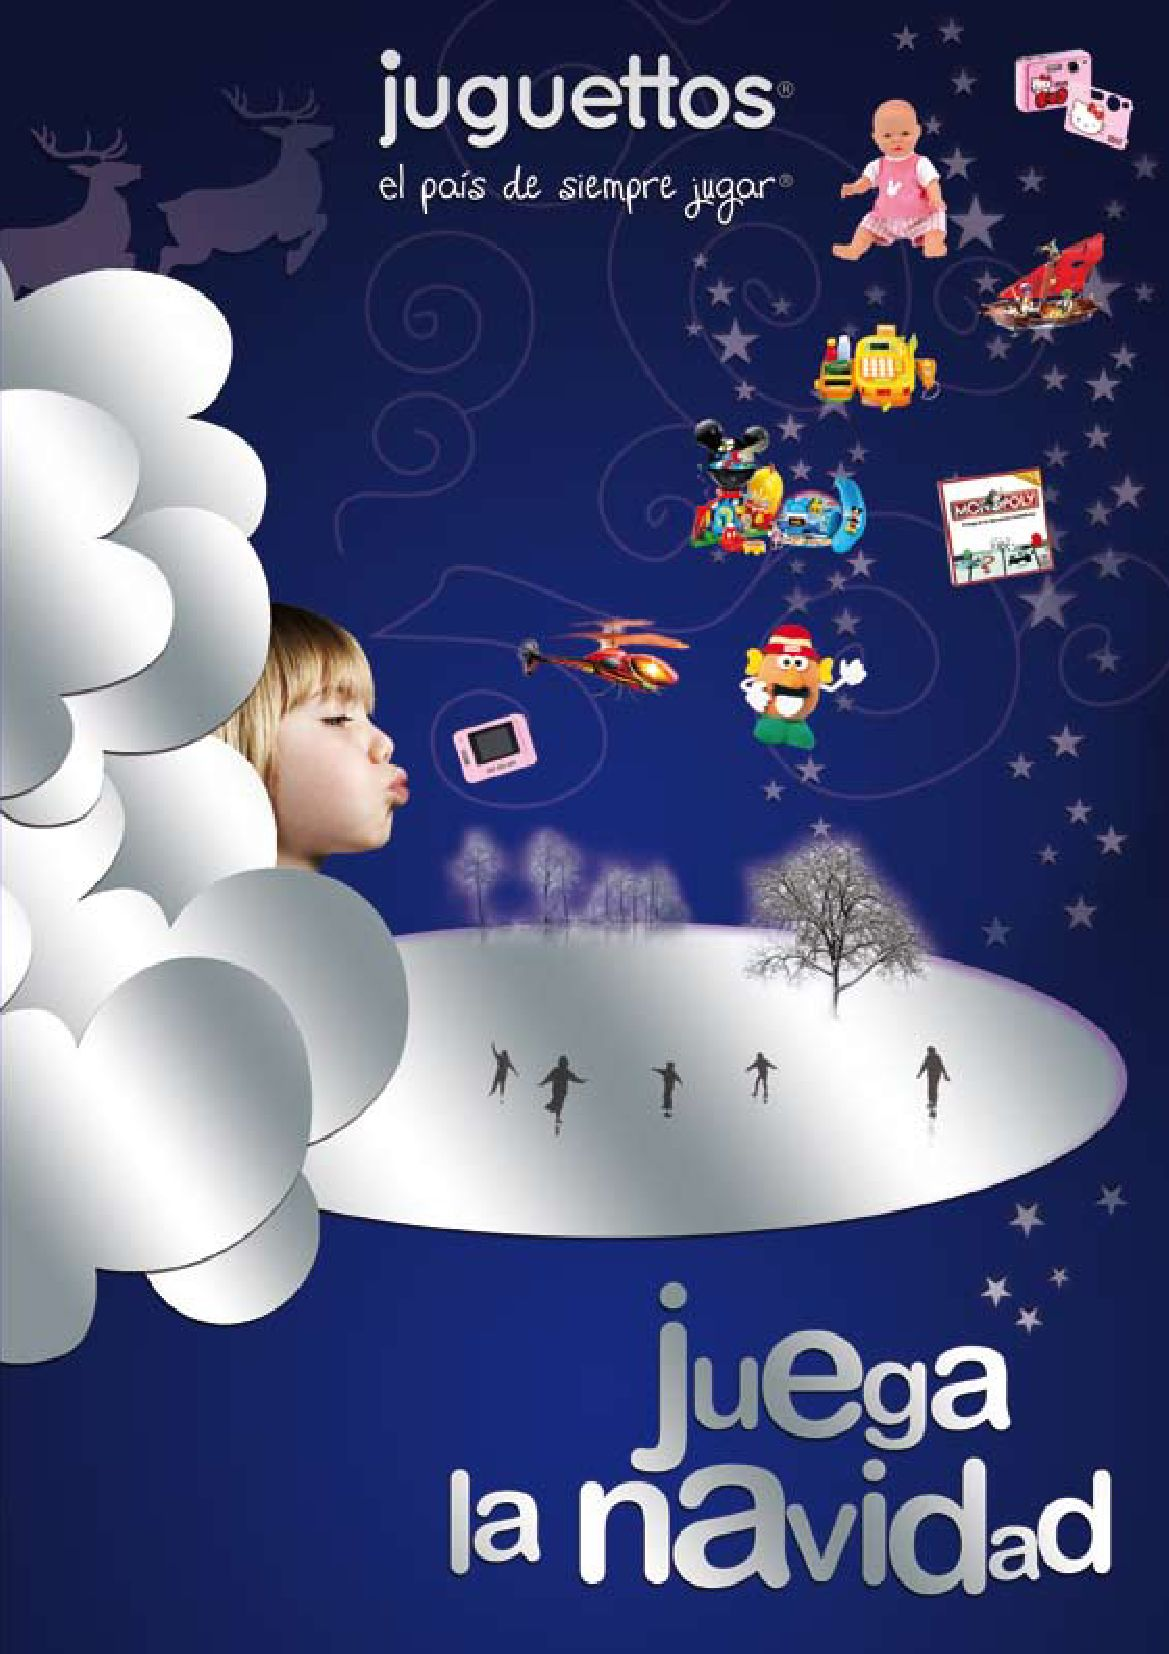 Catálogo de Diciembre 09 by Juguettos - issuu